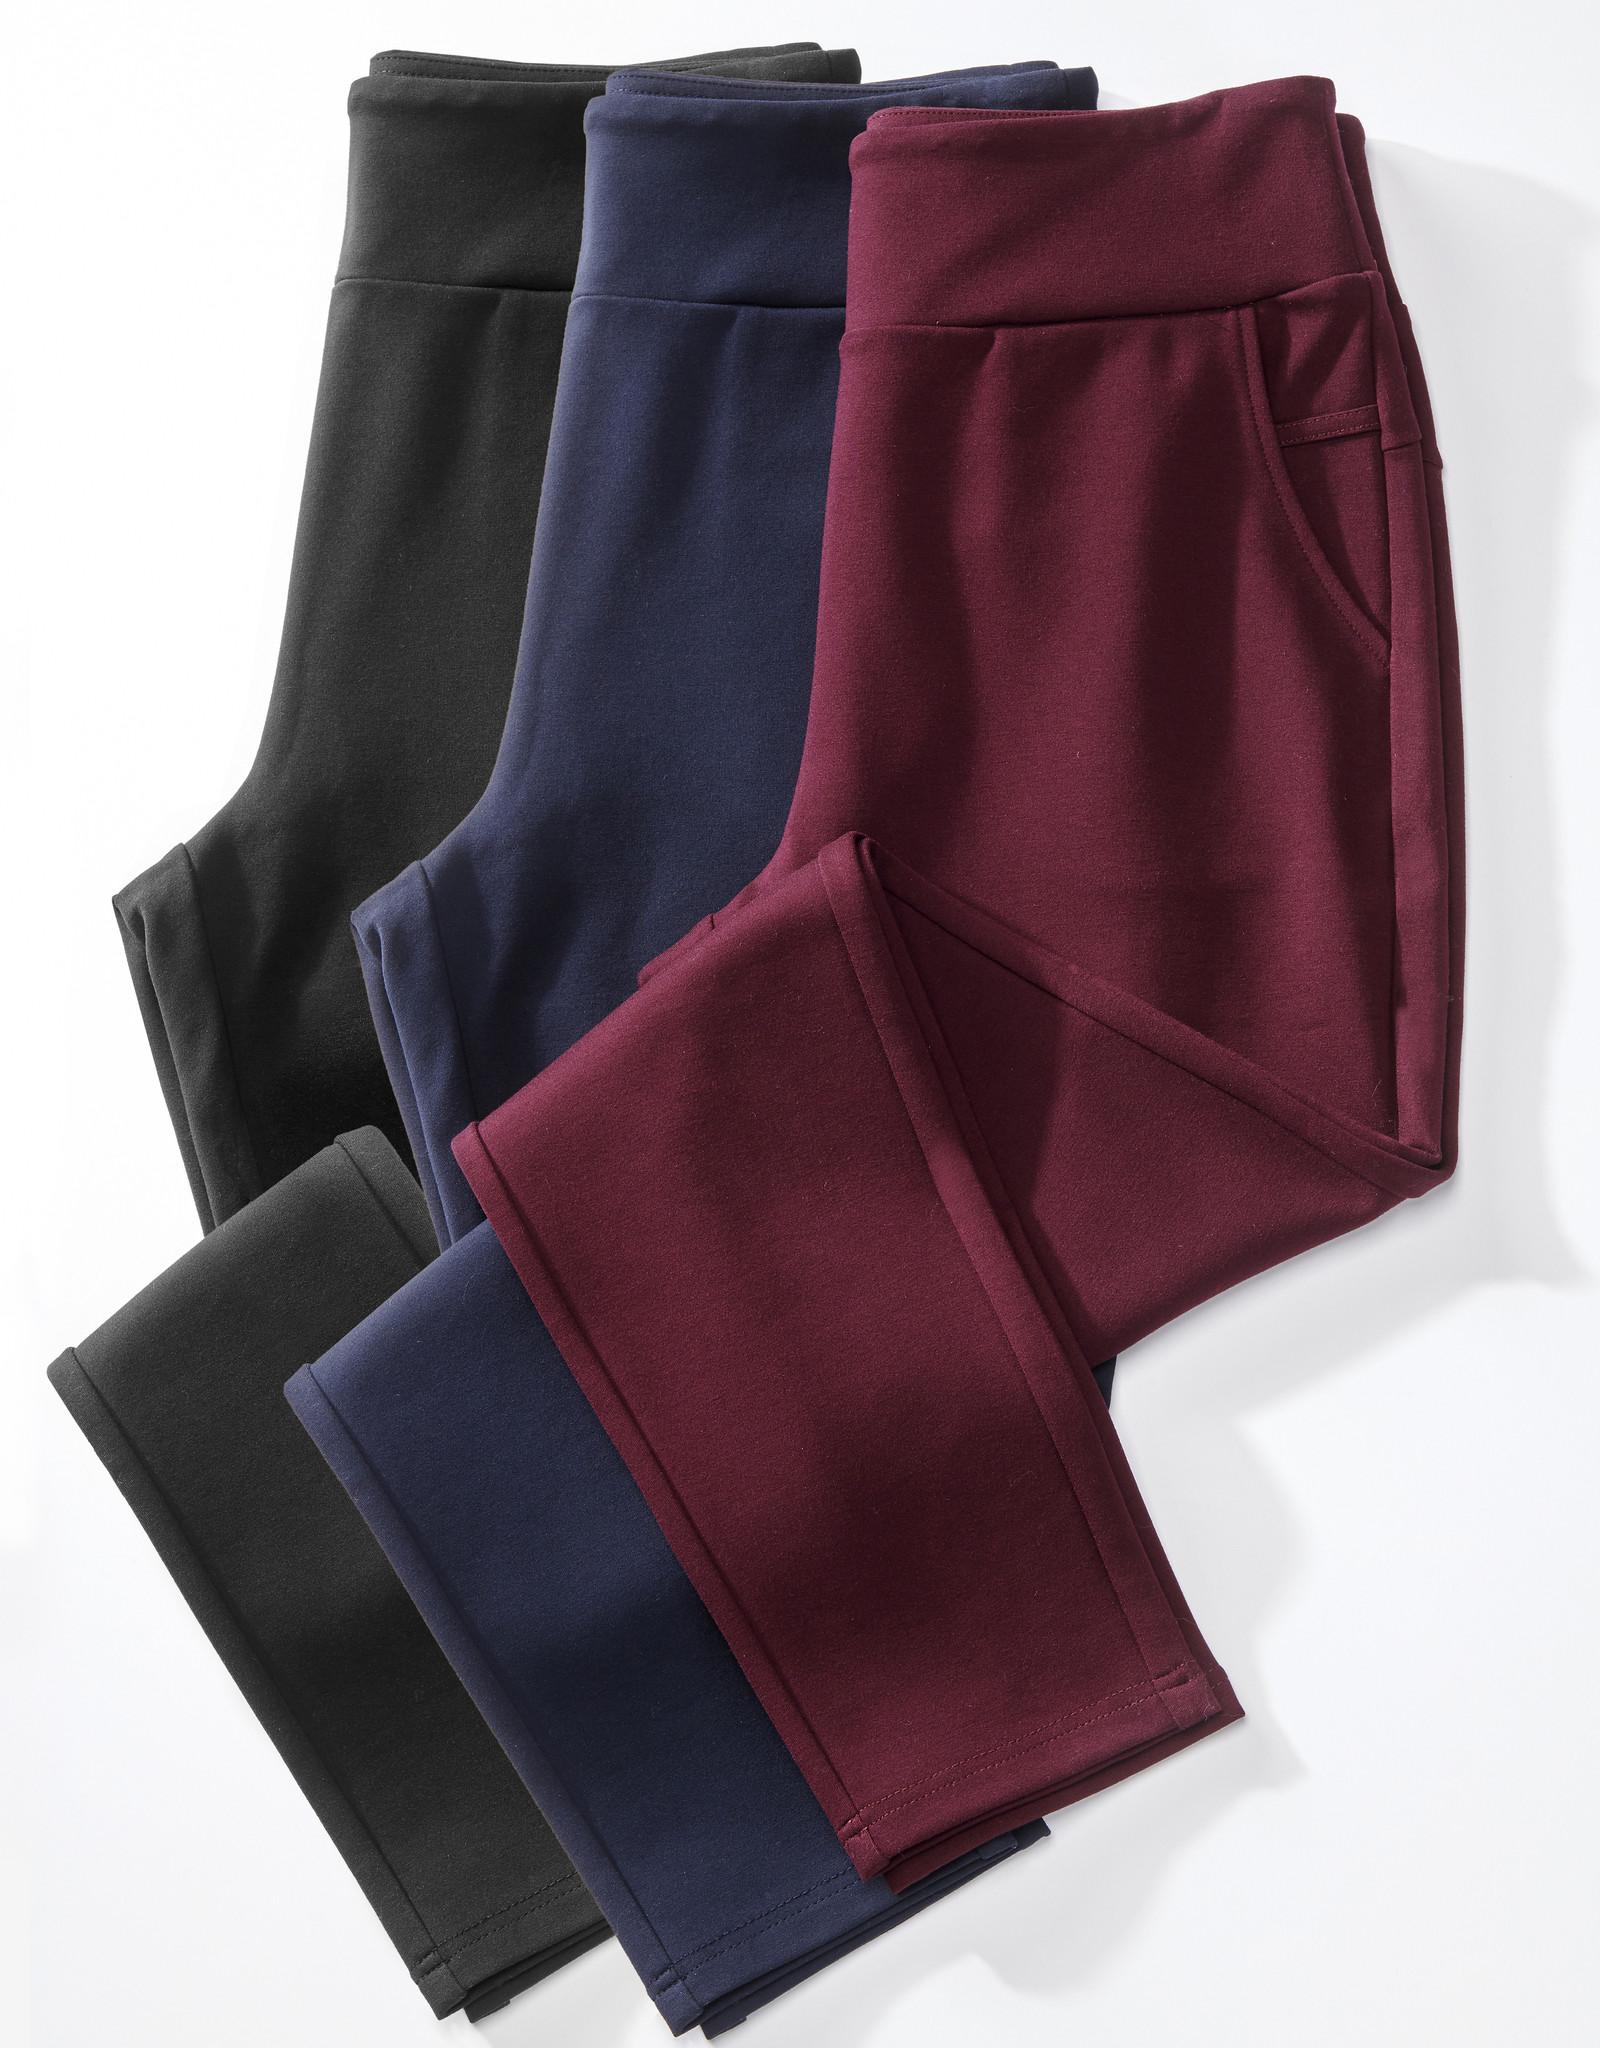 Charlie Paige CP - Ponte Pants (3 colors)